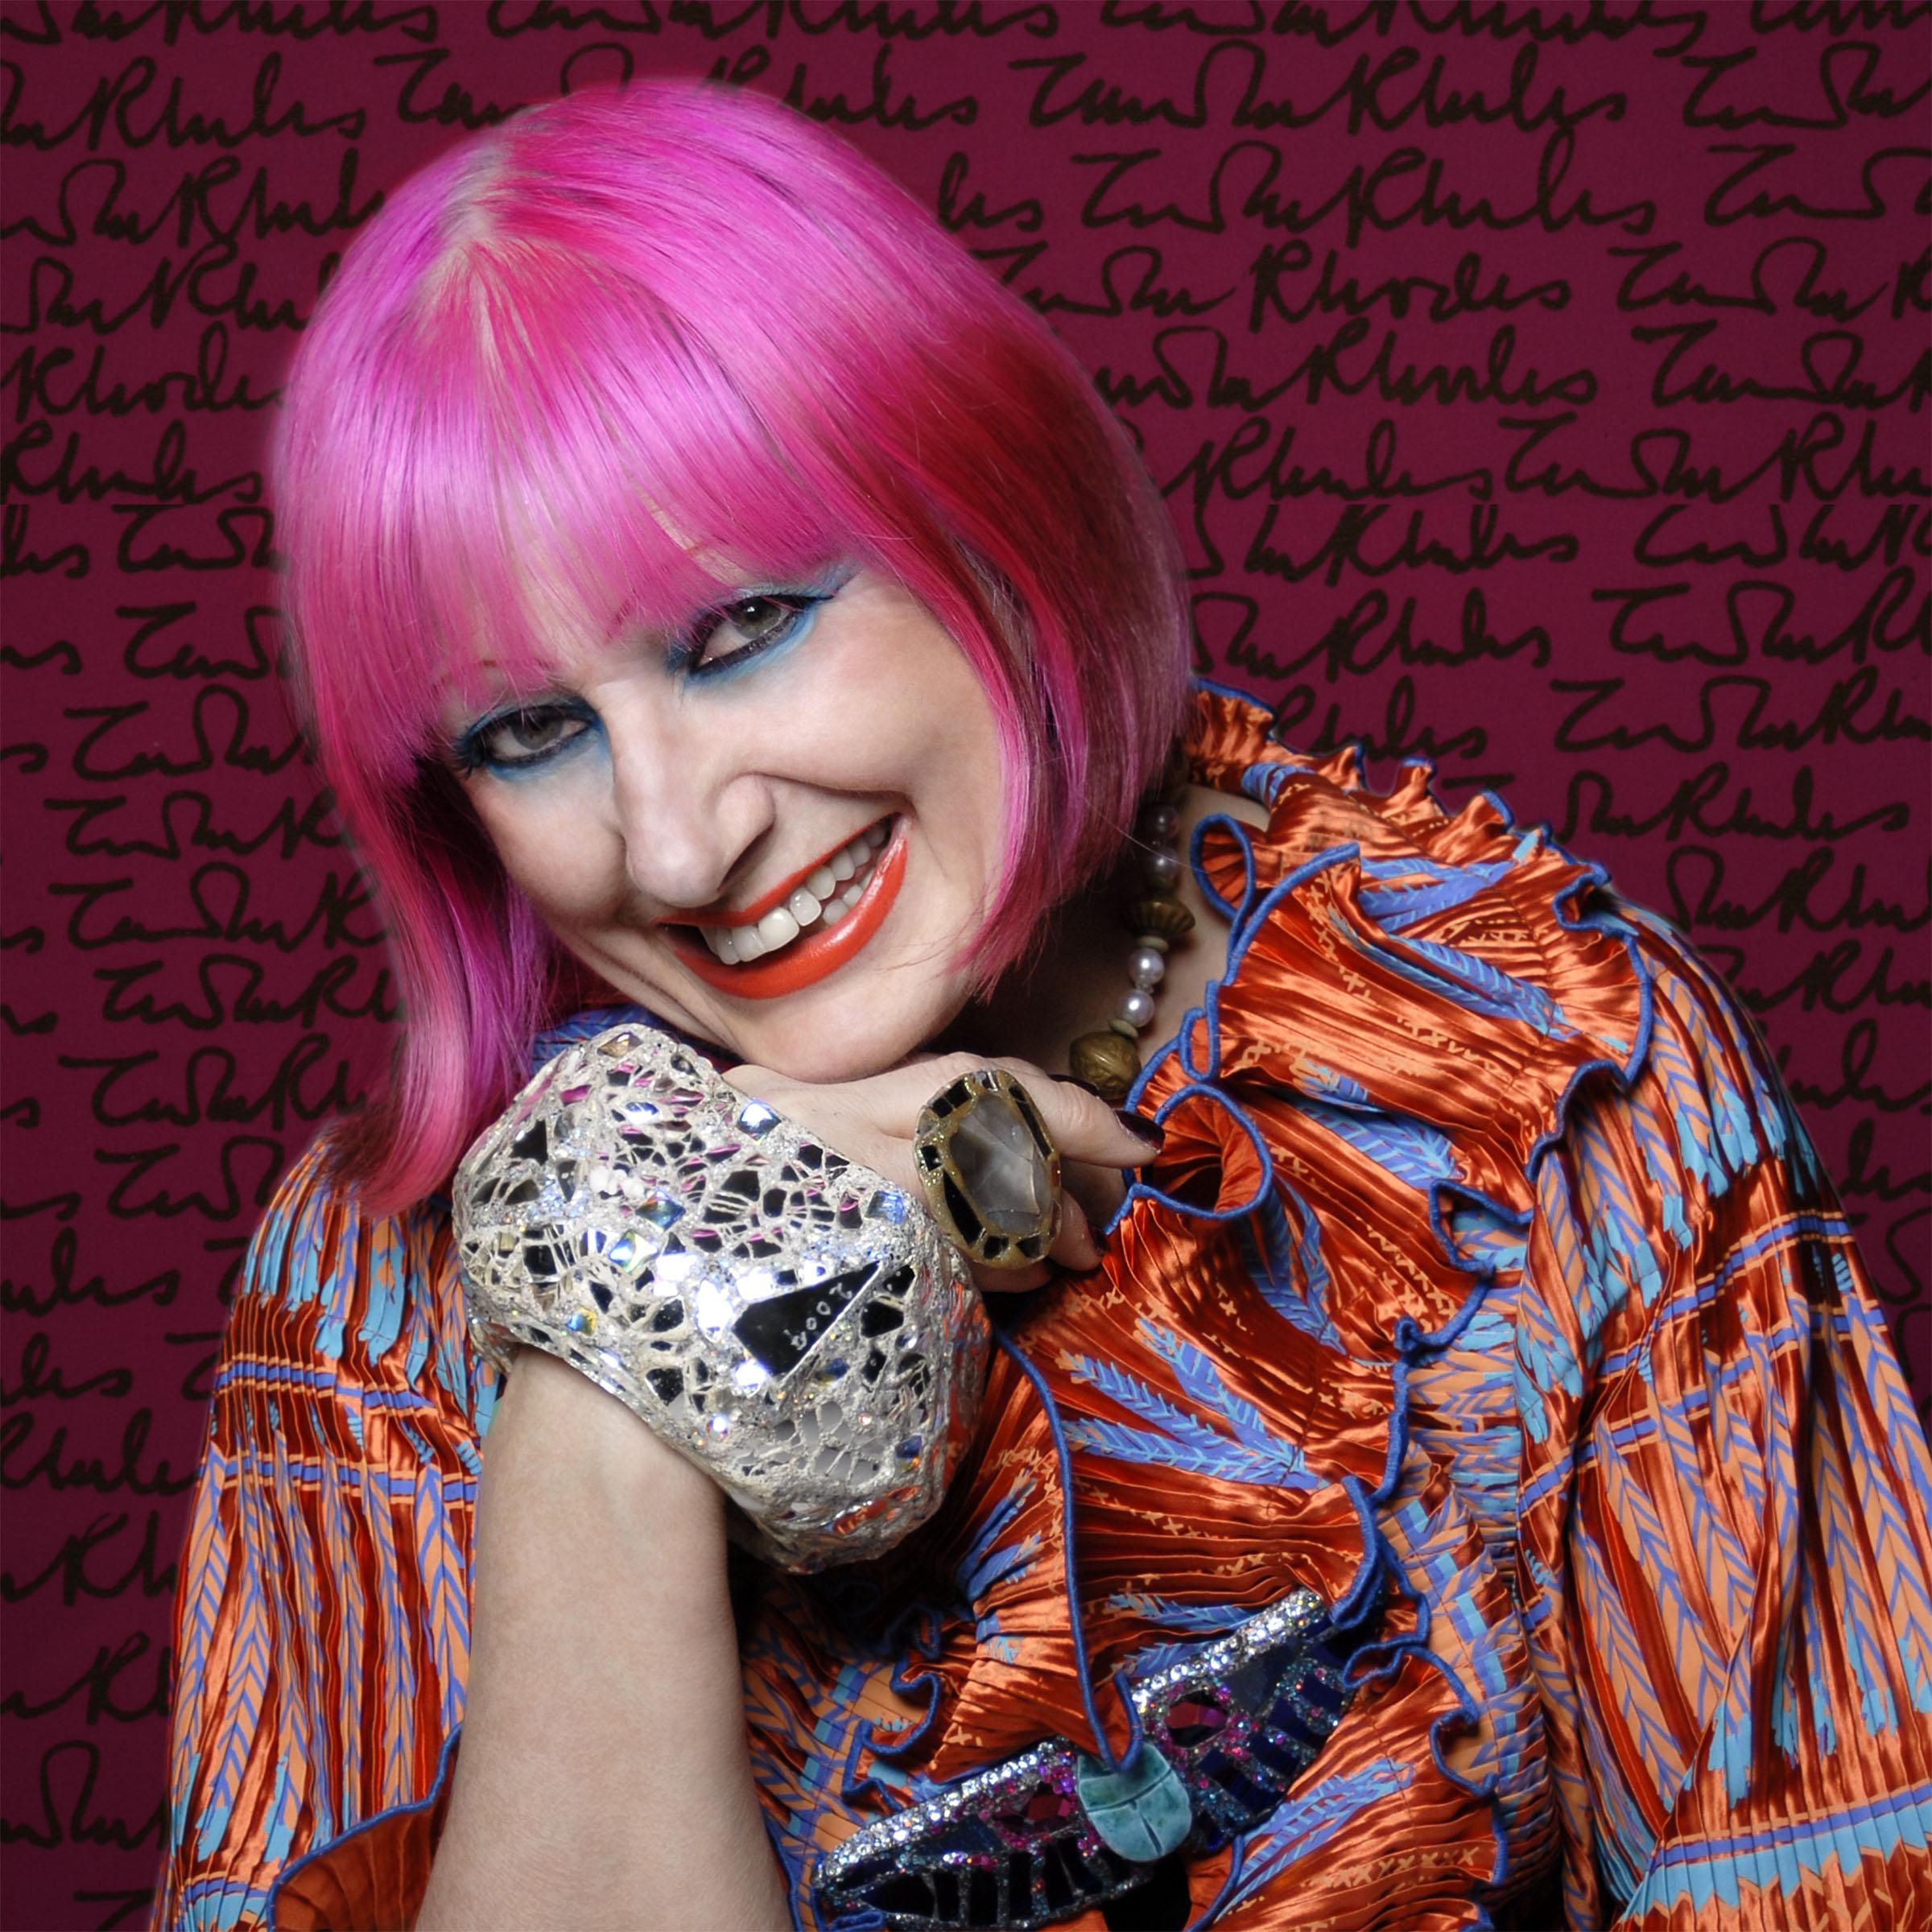 Zandra goes Wylde for Bath in Fashion 2016